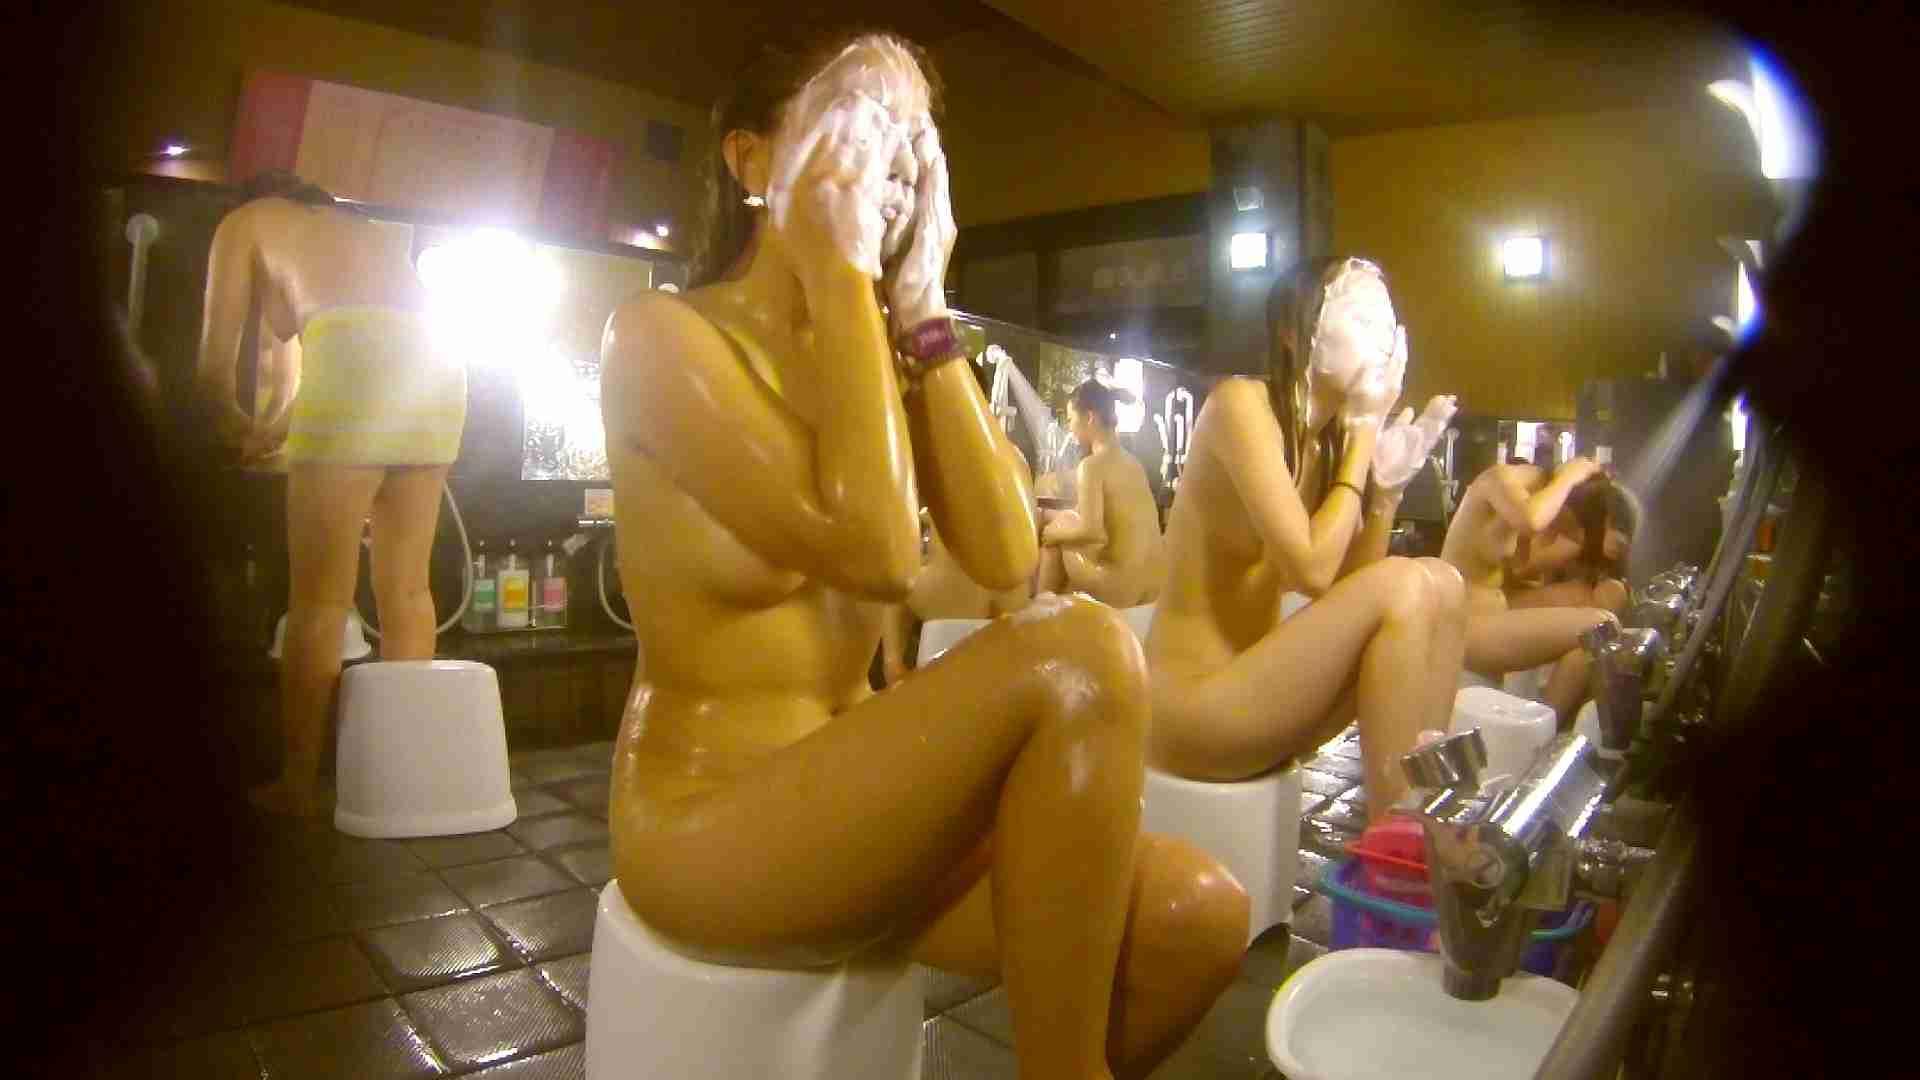 追い撮り!脱衣~洗い場、そして着替え、髪を乾かすまで完全追跡。 細身体型 スケベ動画紹介 84枚 58